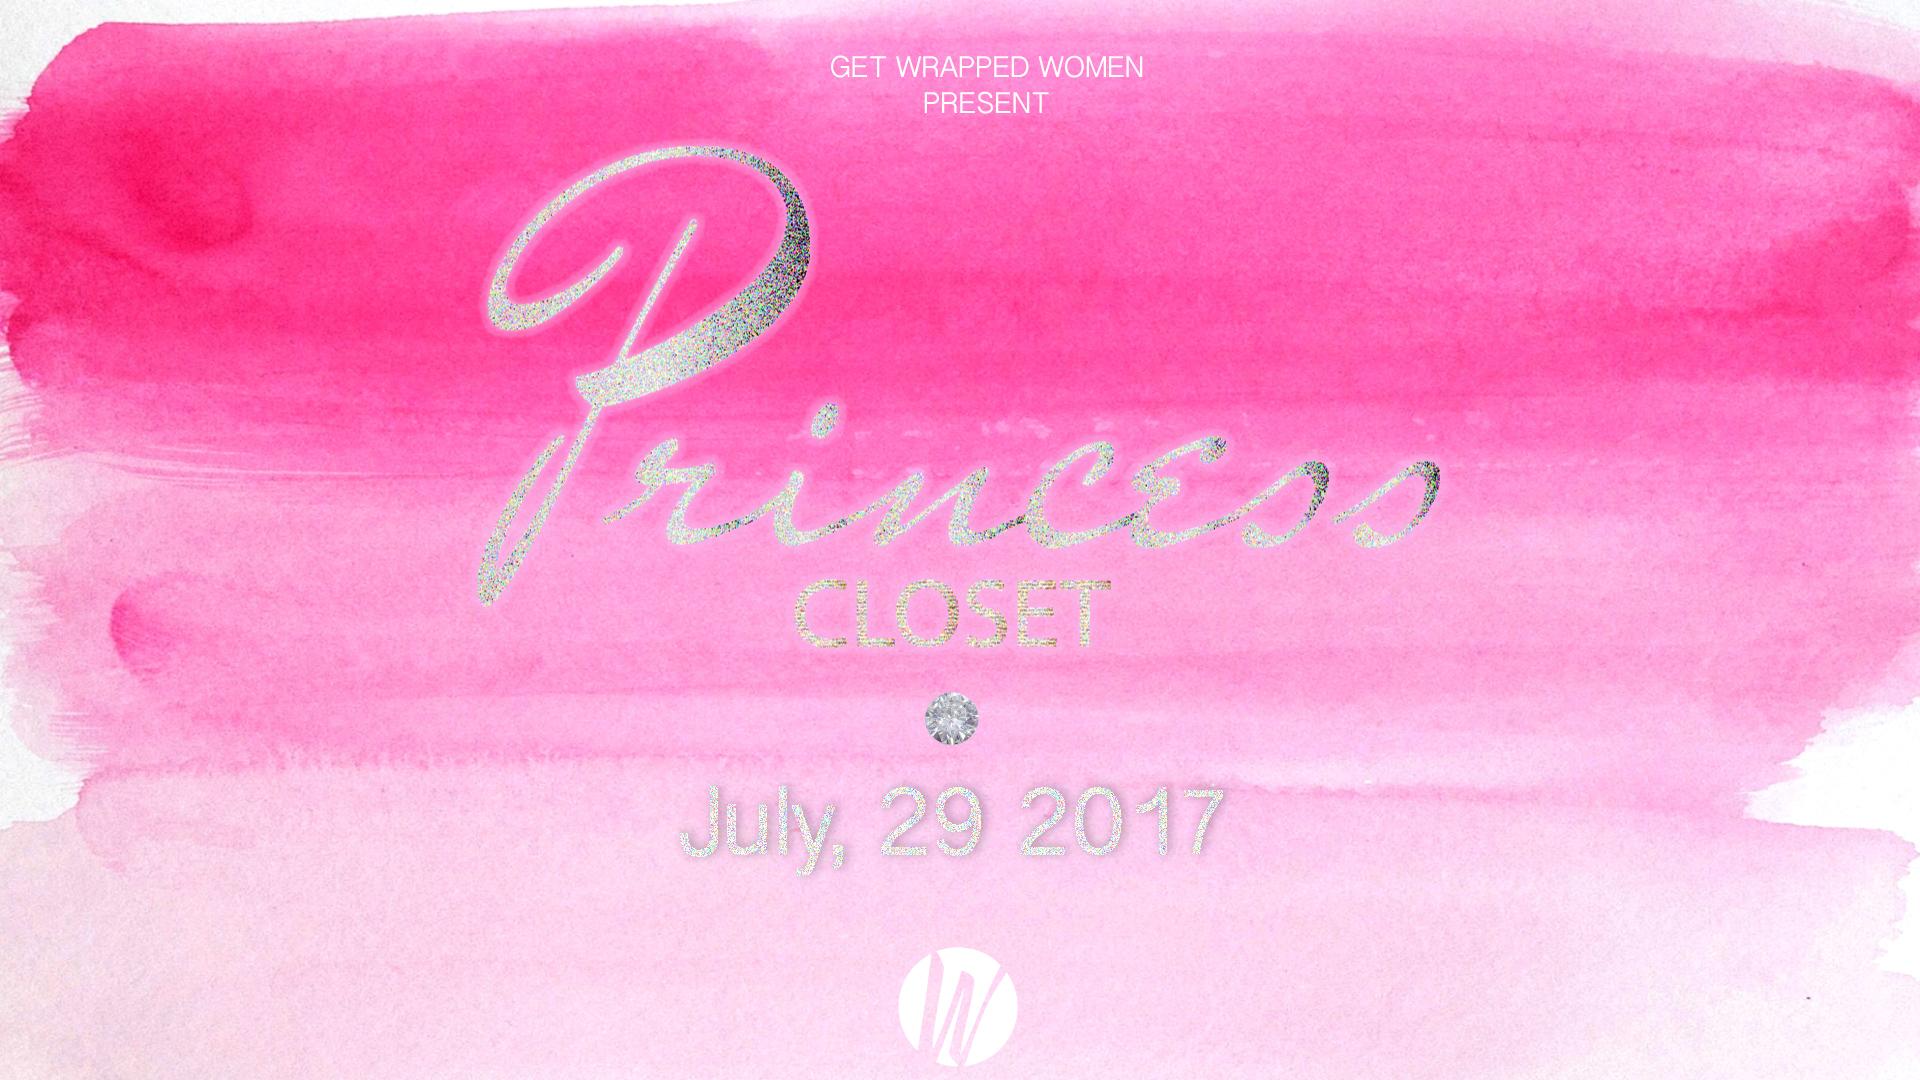 princesscloset